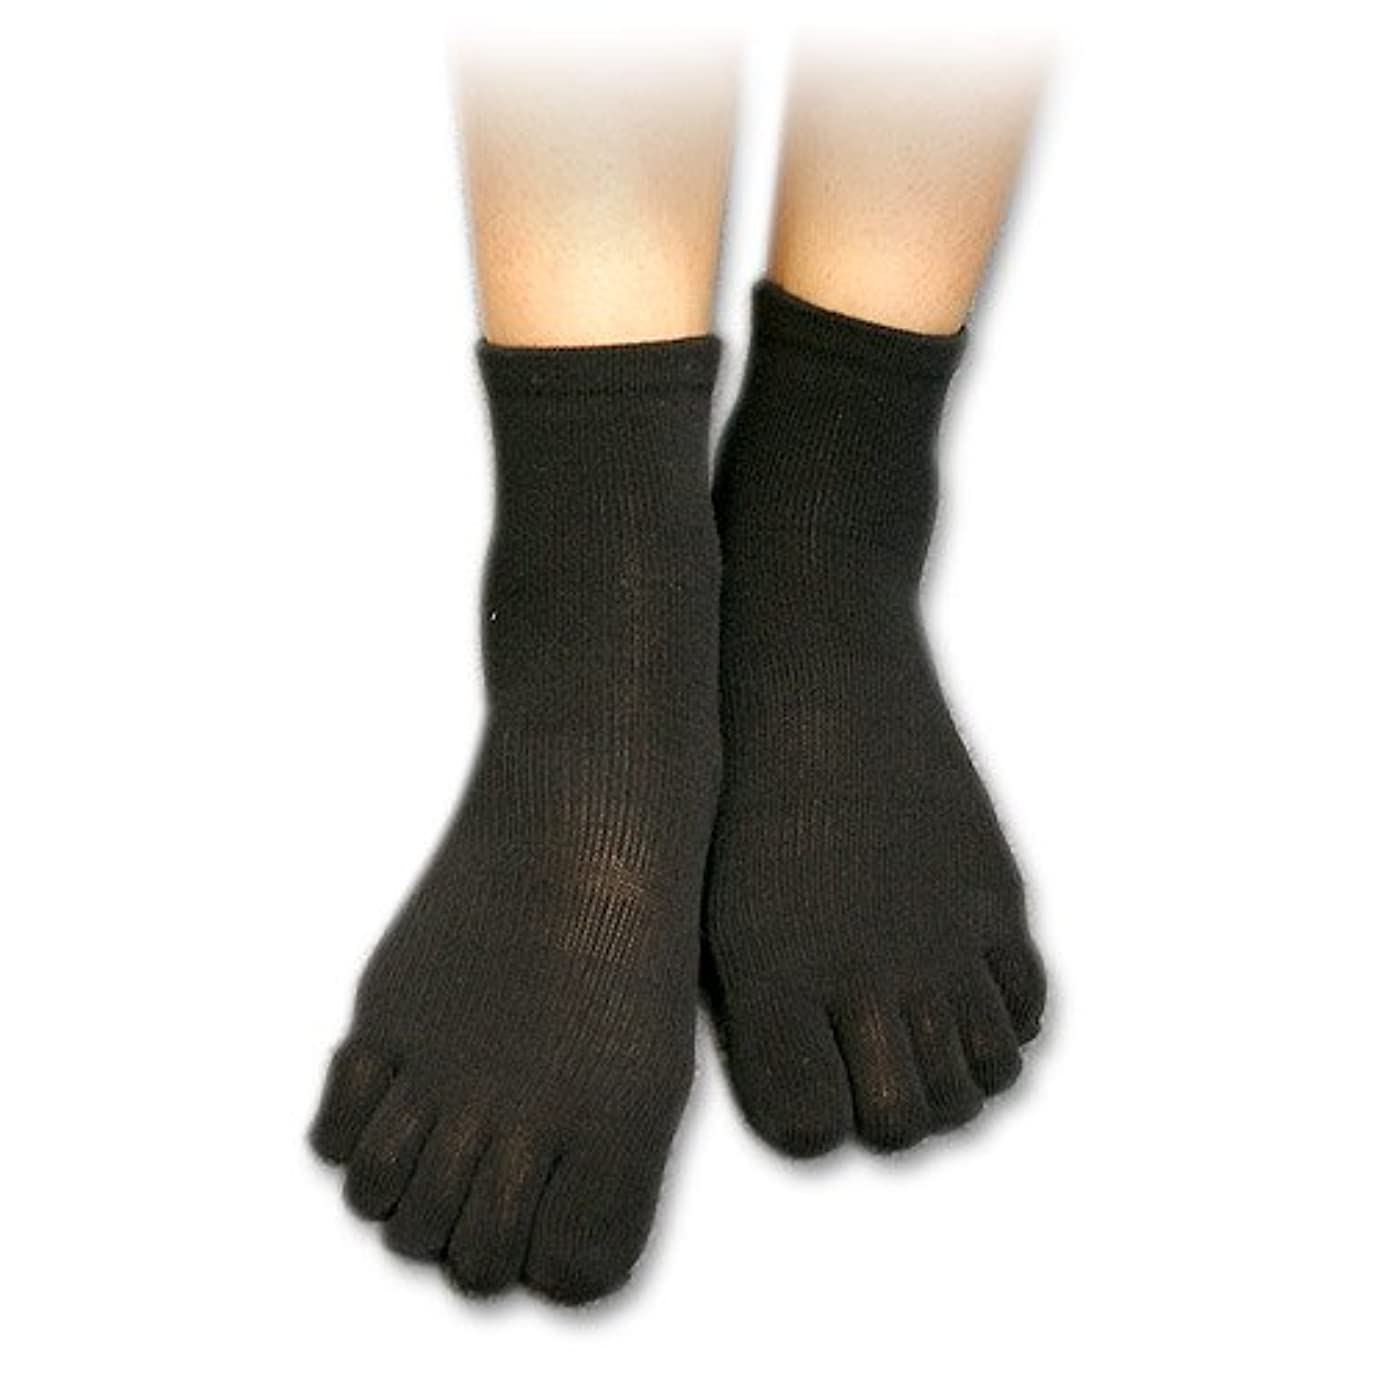 外部お金ゴム褐色足裏安定5本指靴下(S(22-24cm), ブラック)